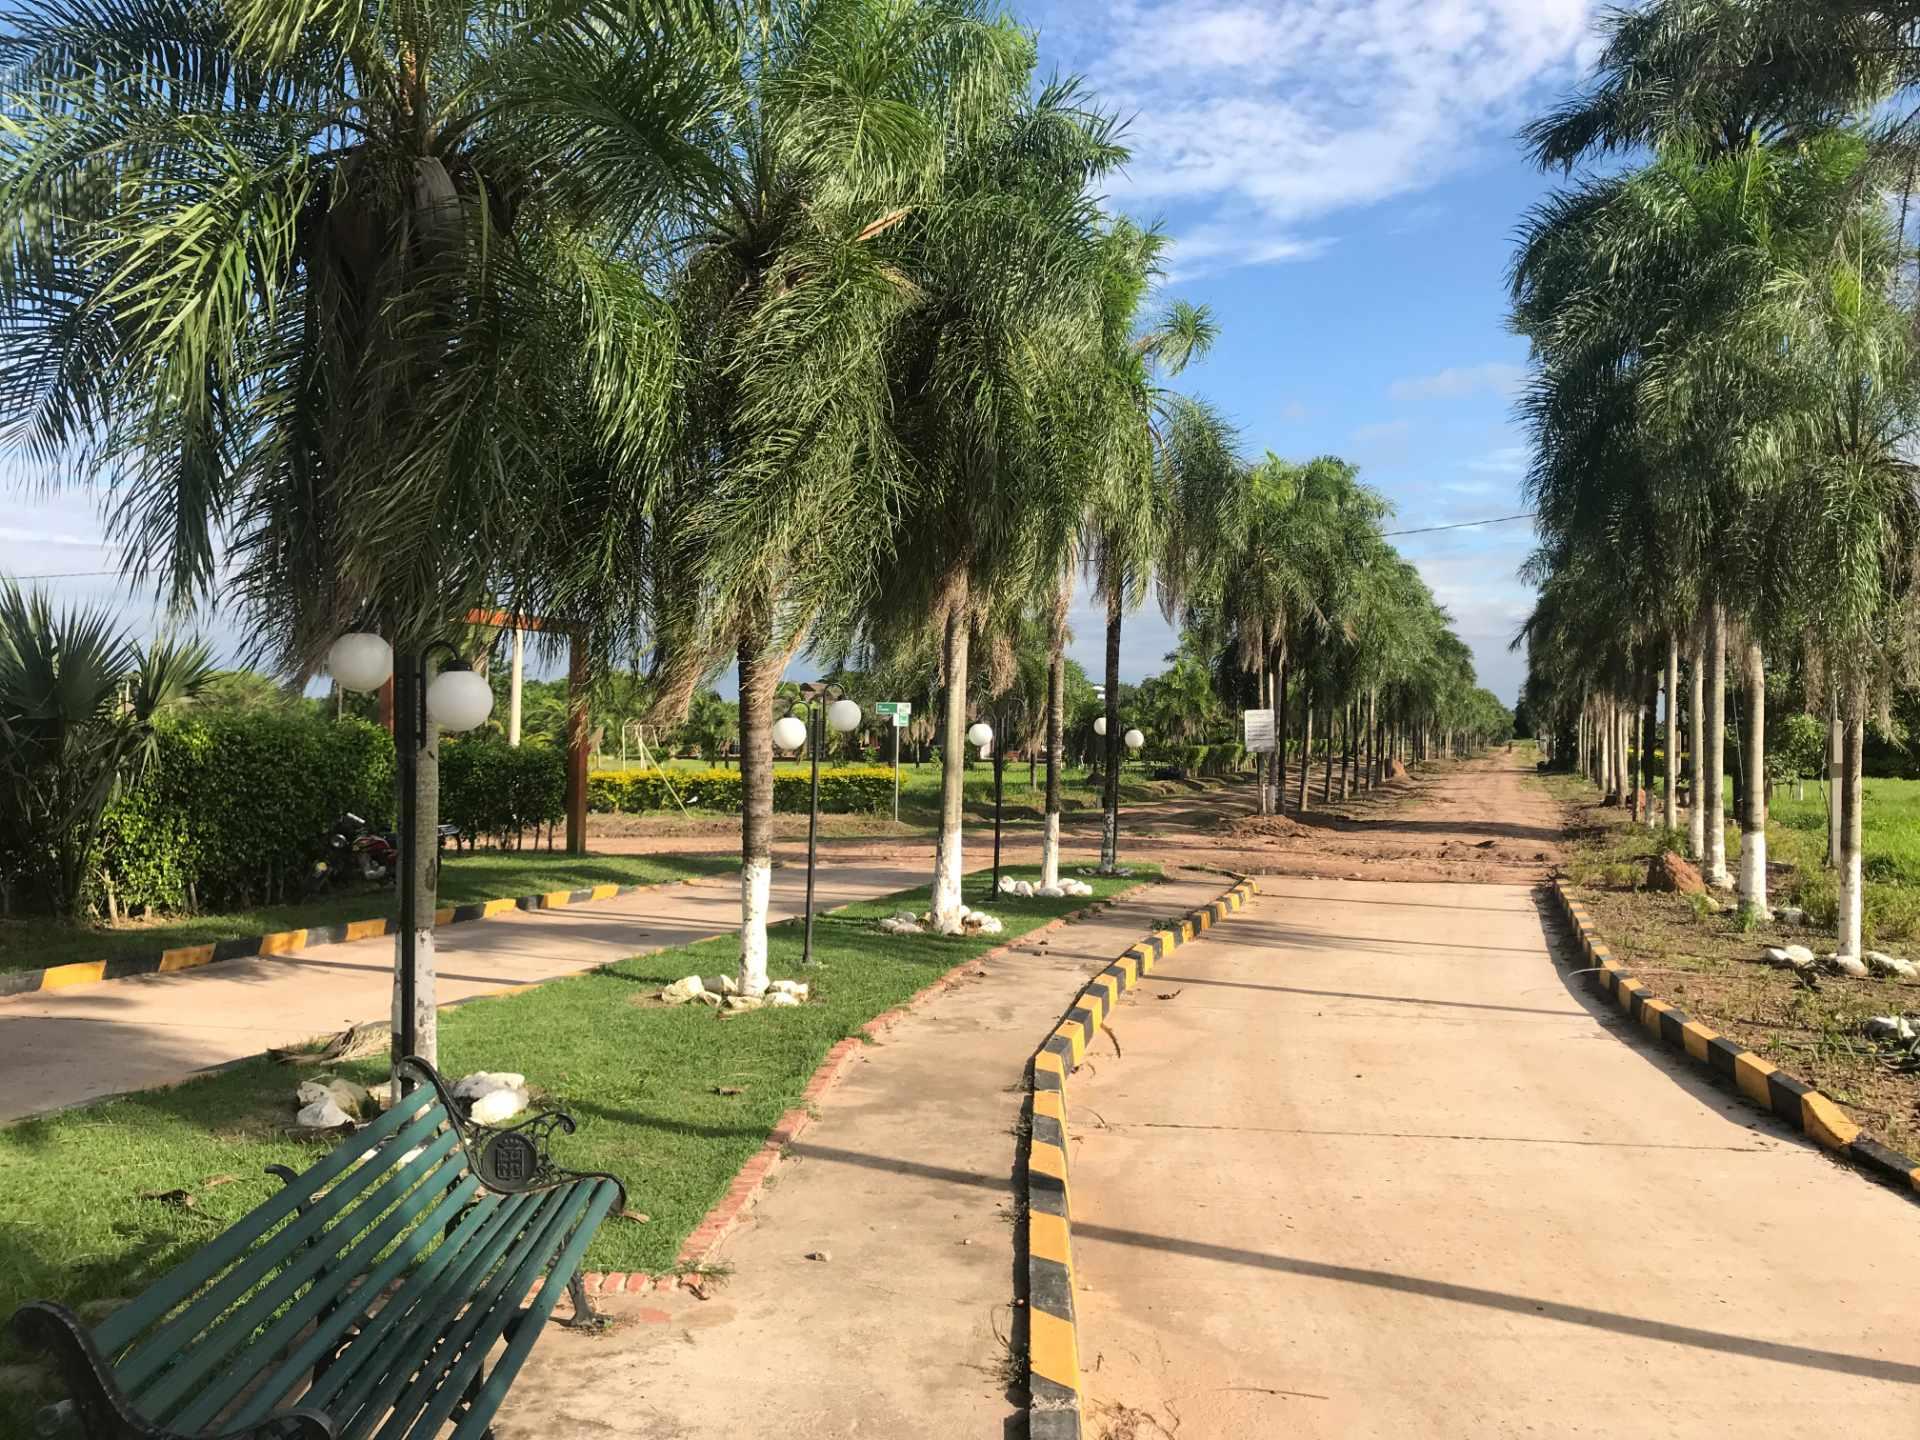 Terreno en Venta Complejo Campestre Norte, Km 23 Carretera al Norte.  Foto 13